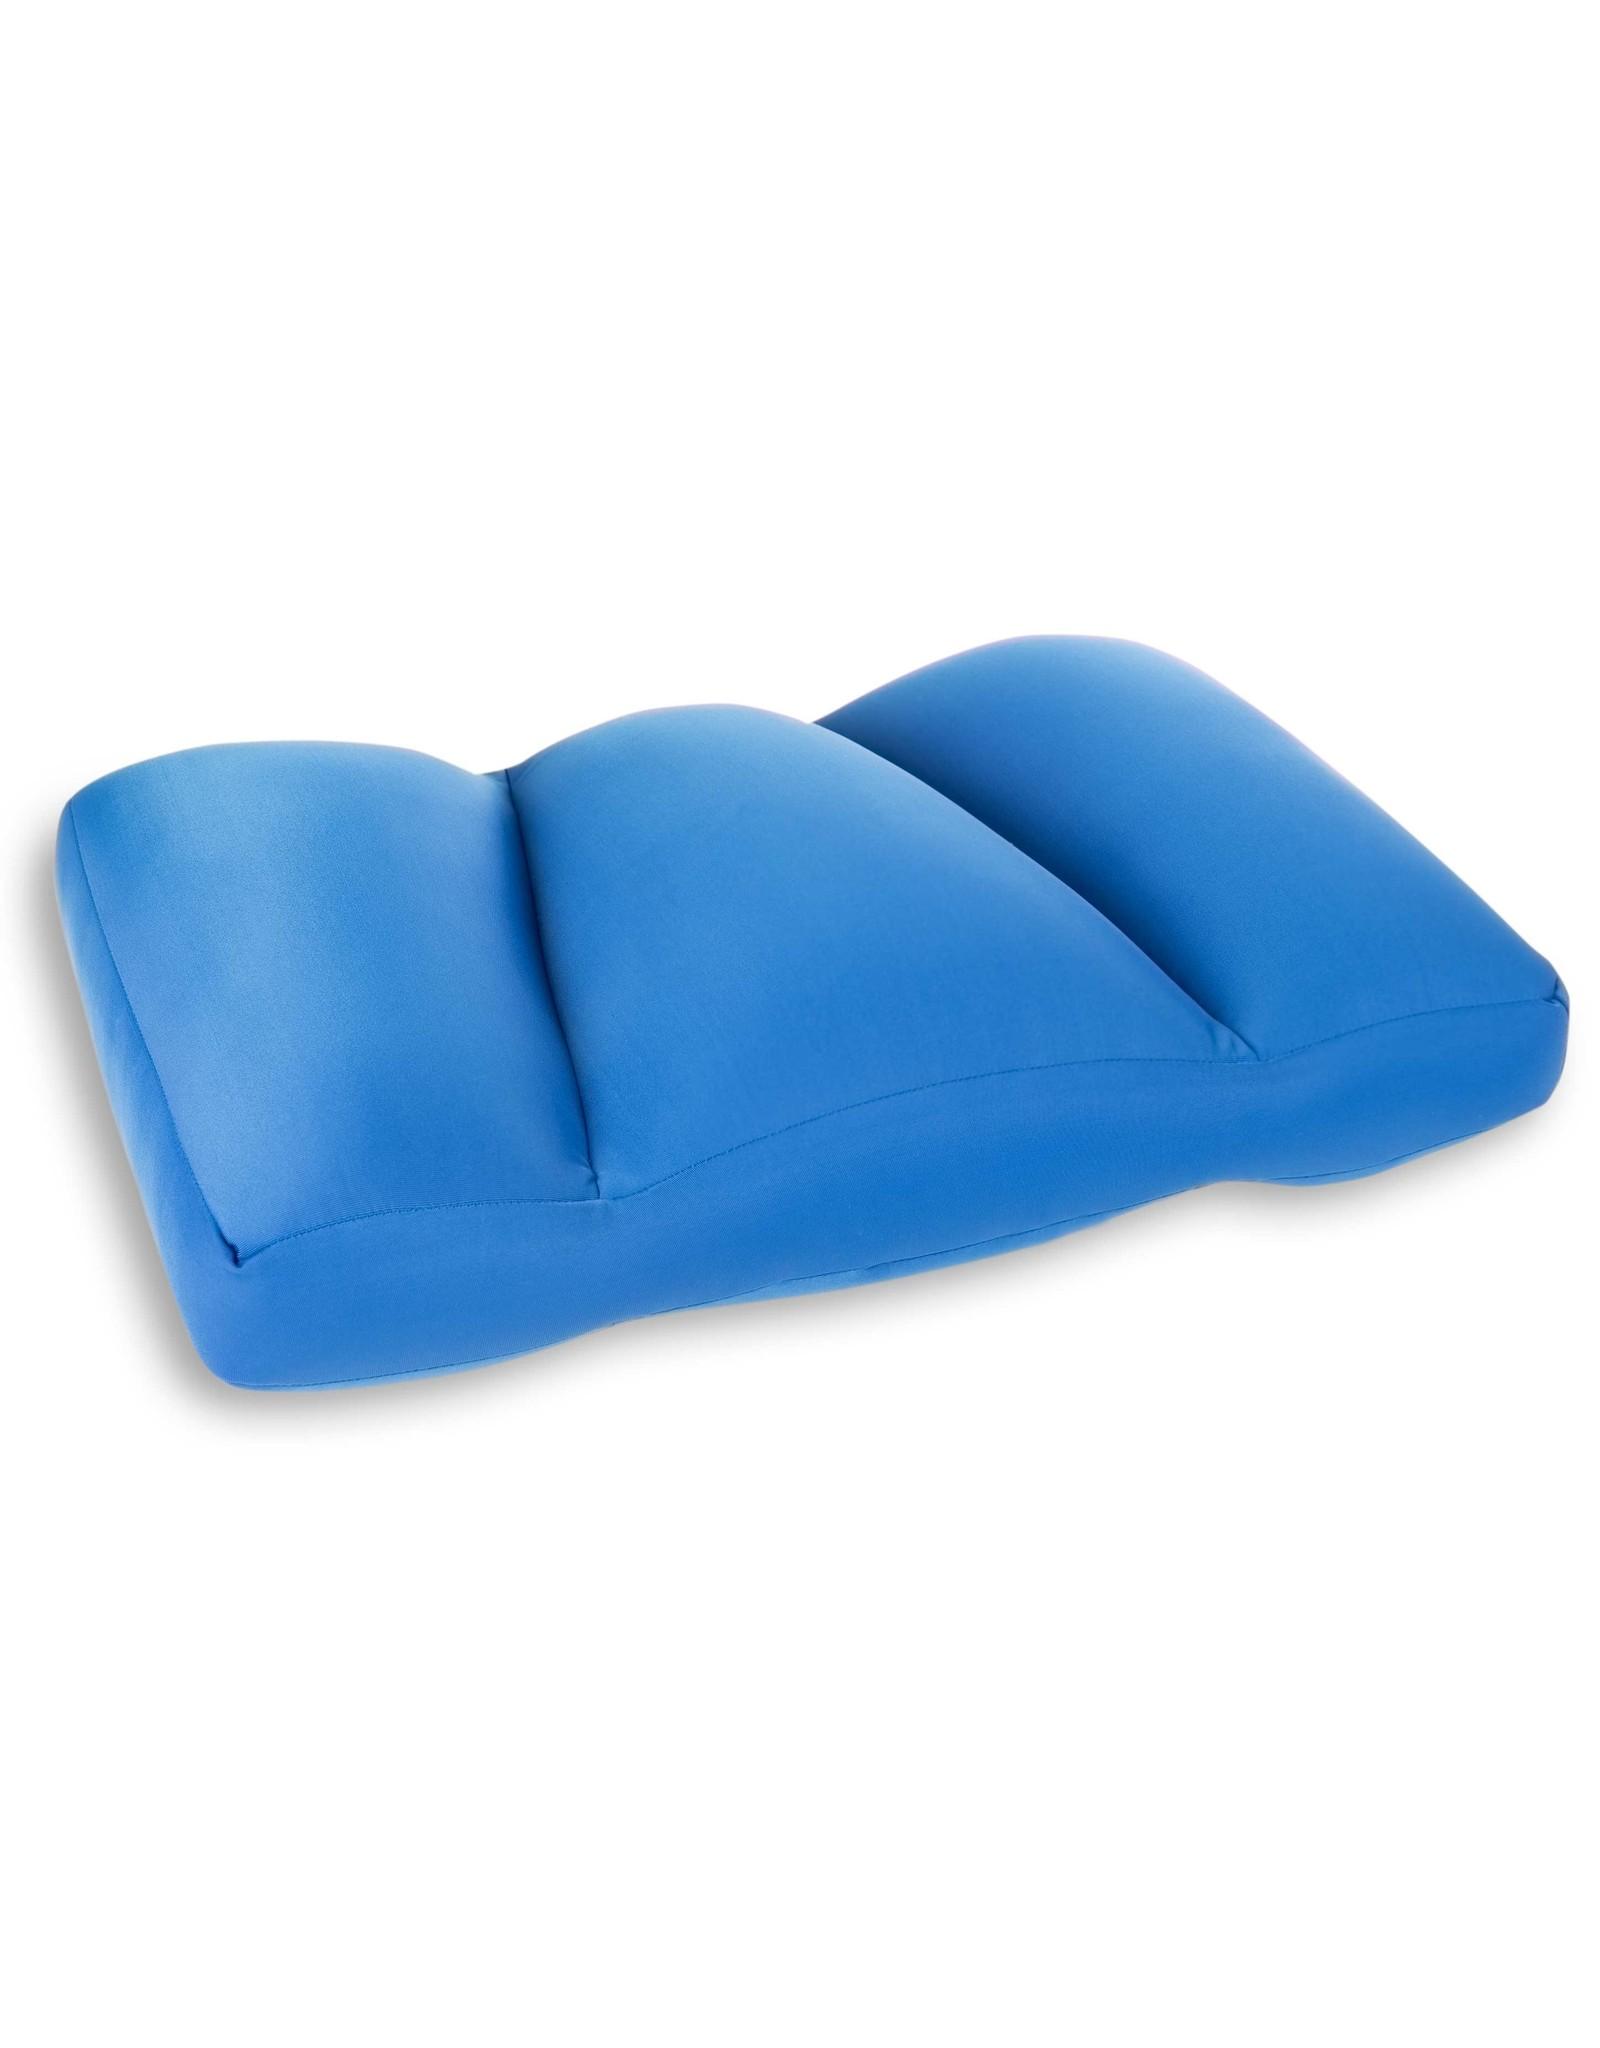 Kuschel-Maxx Kuschel-Maxx - Schlafkissen Blau